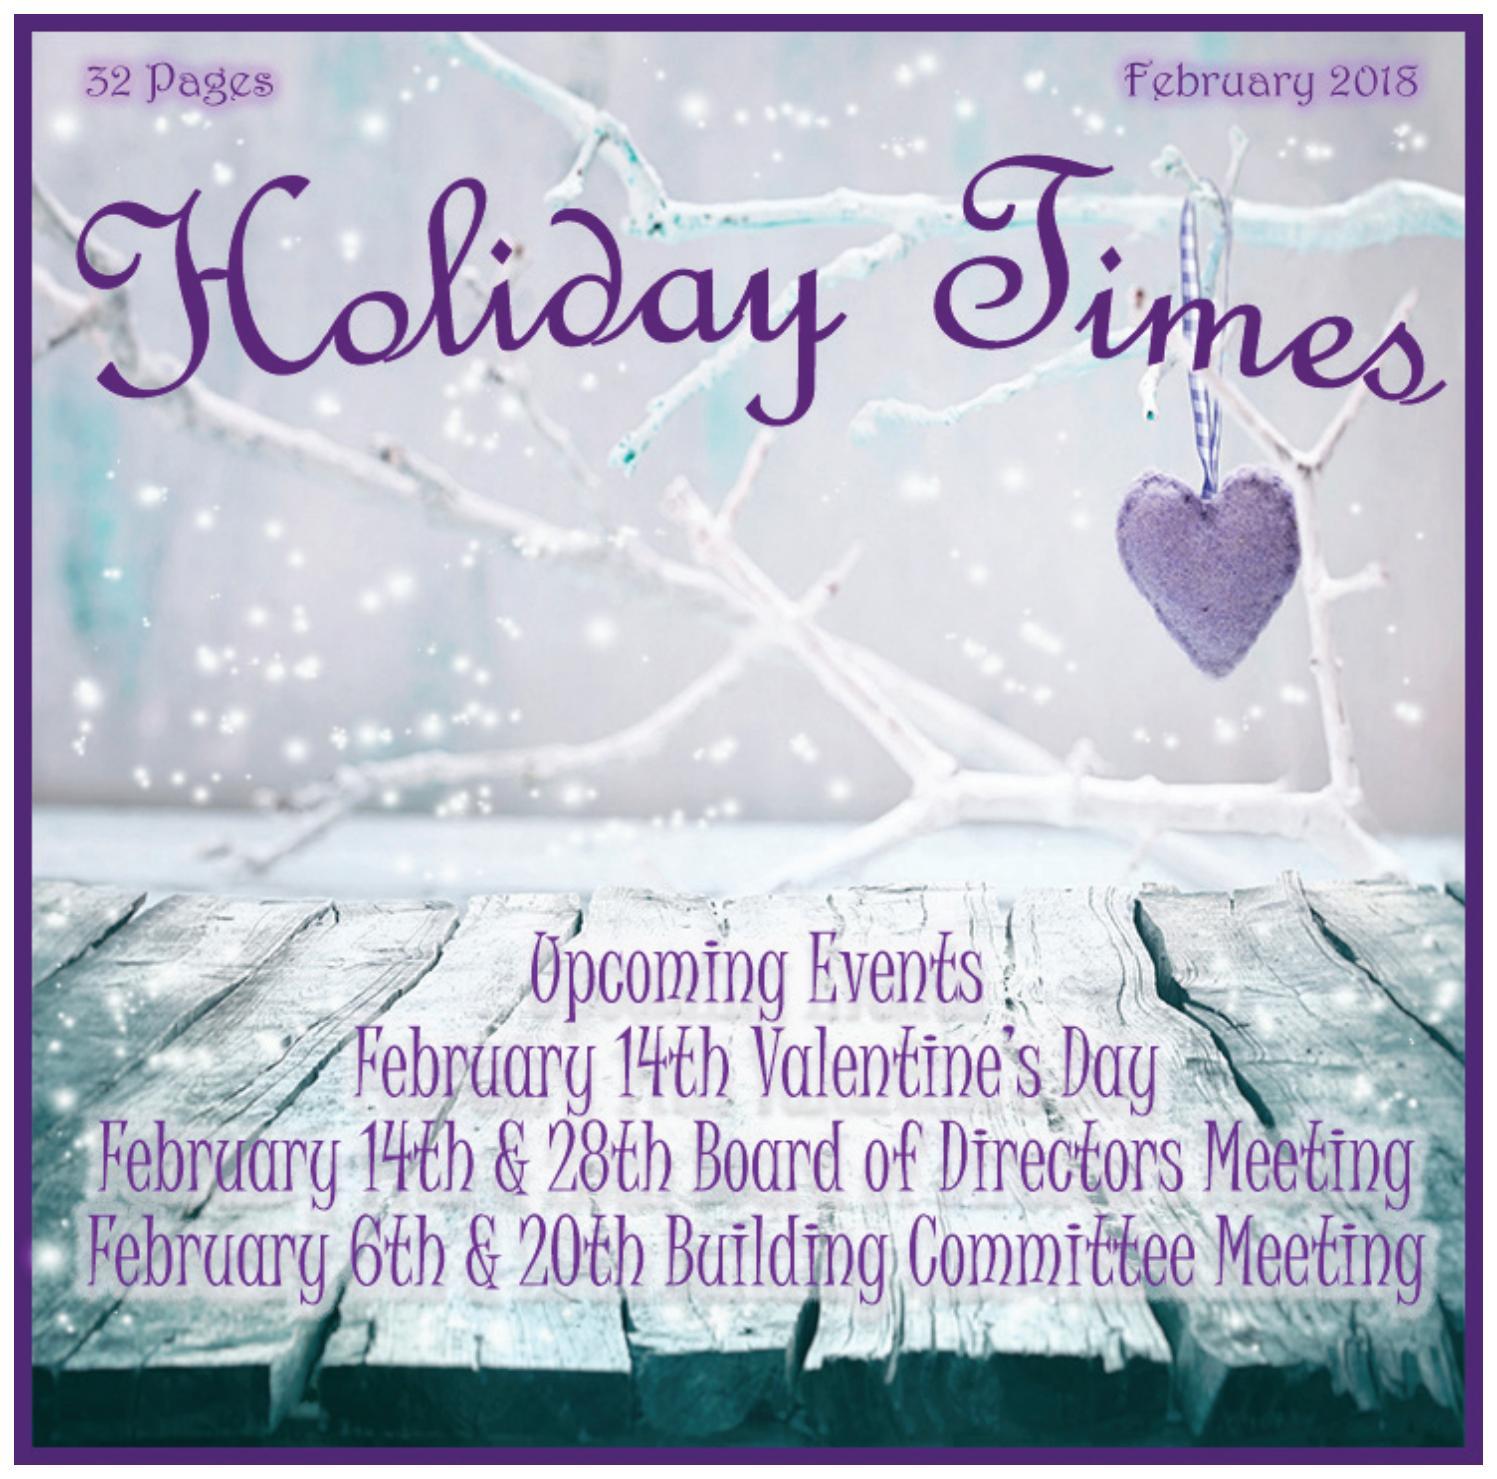 Holiday Times - February 2018 by EDWARDSVILLE PUBLISHING - issuu